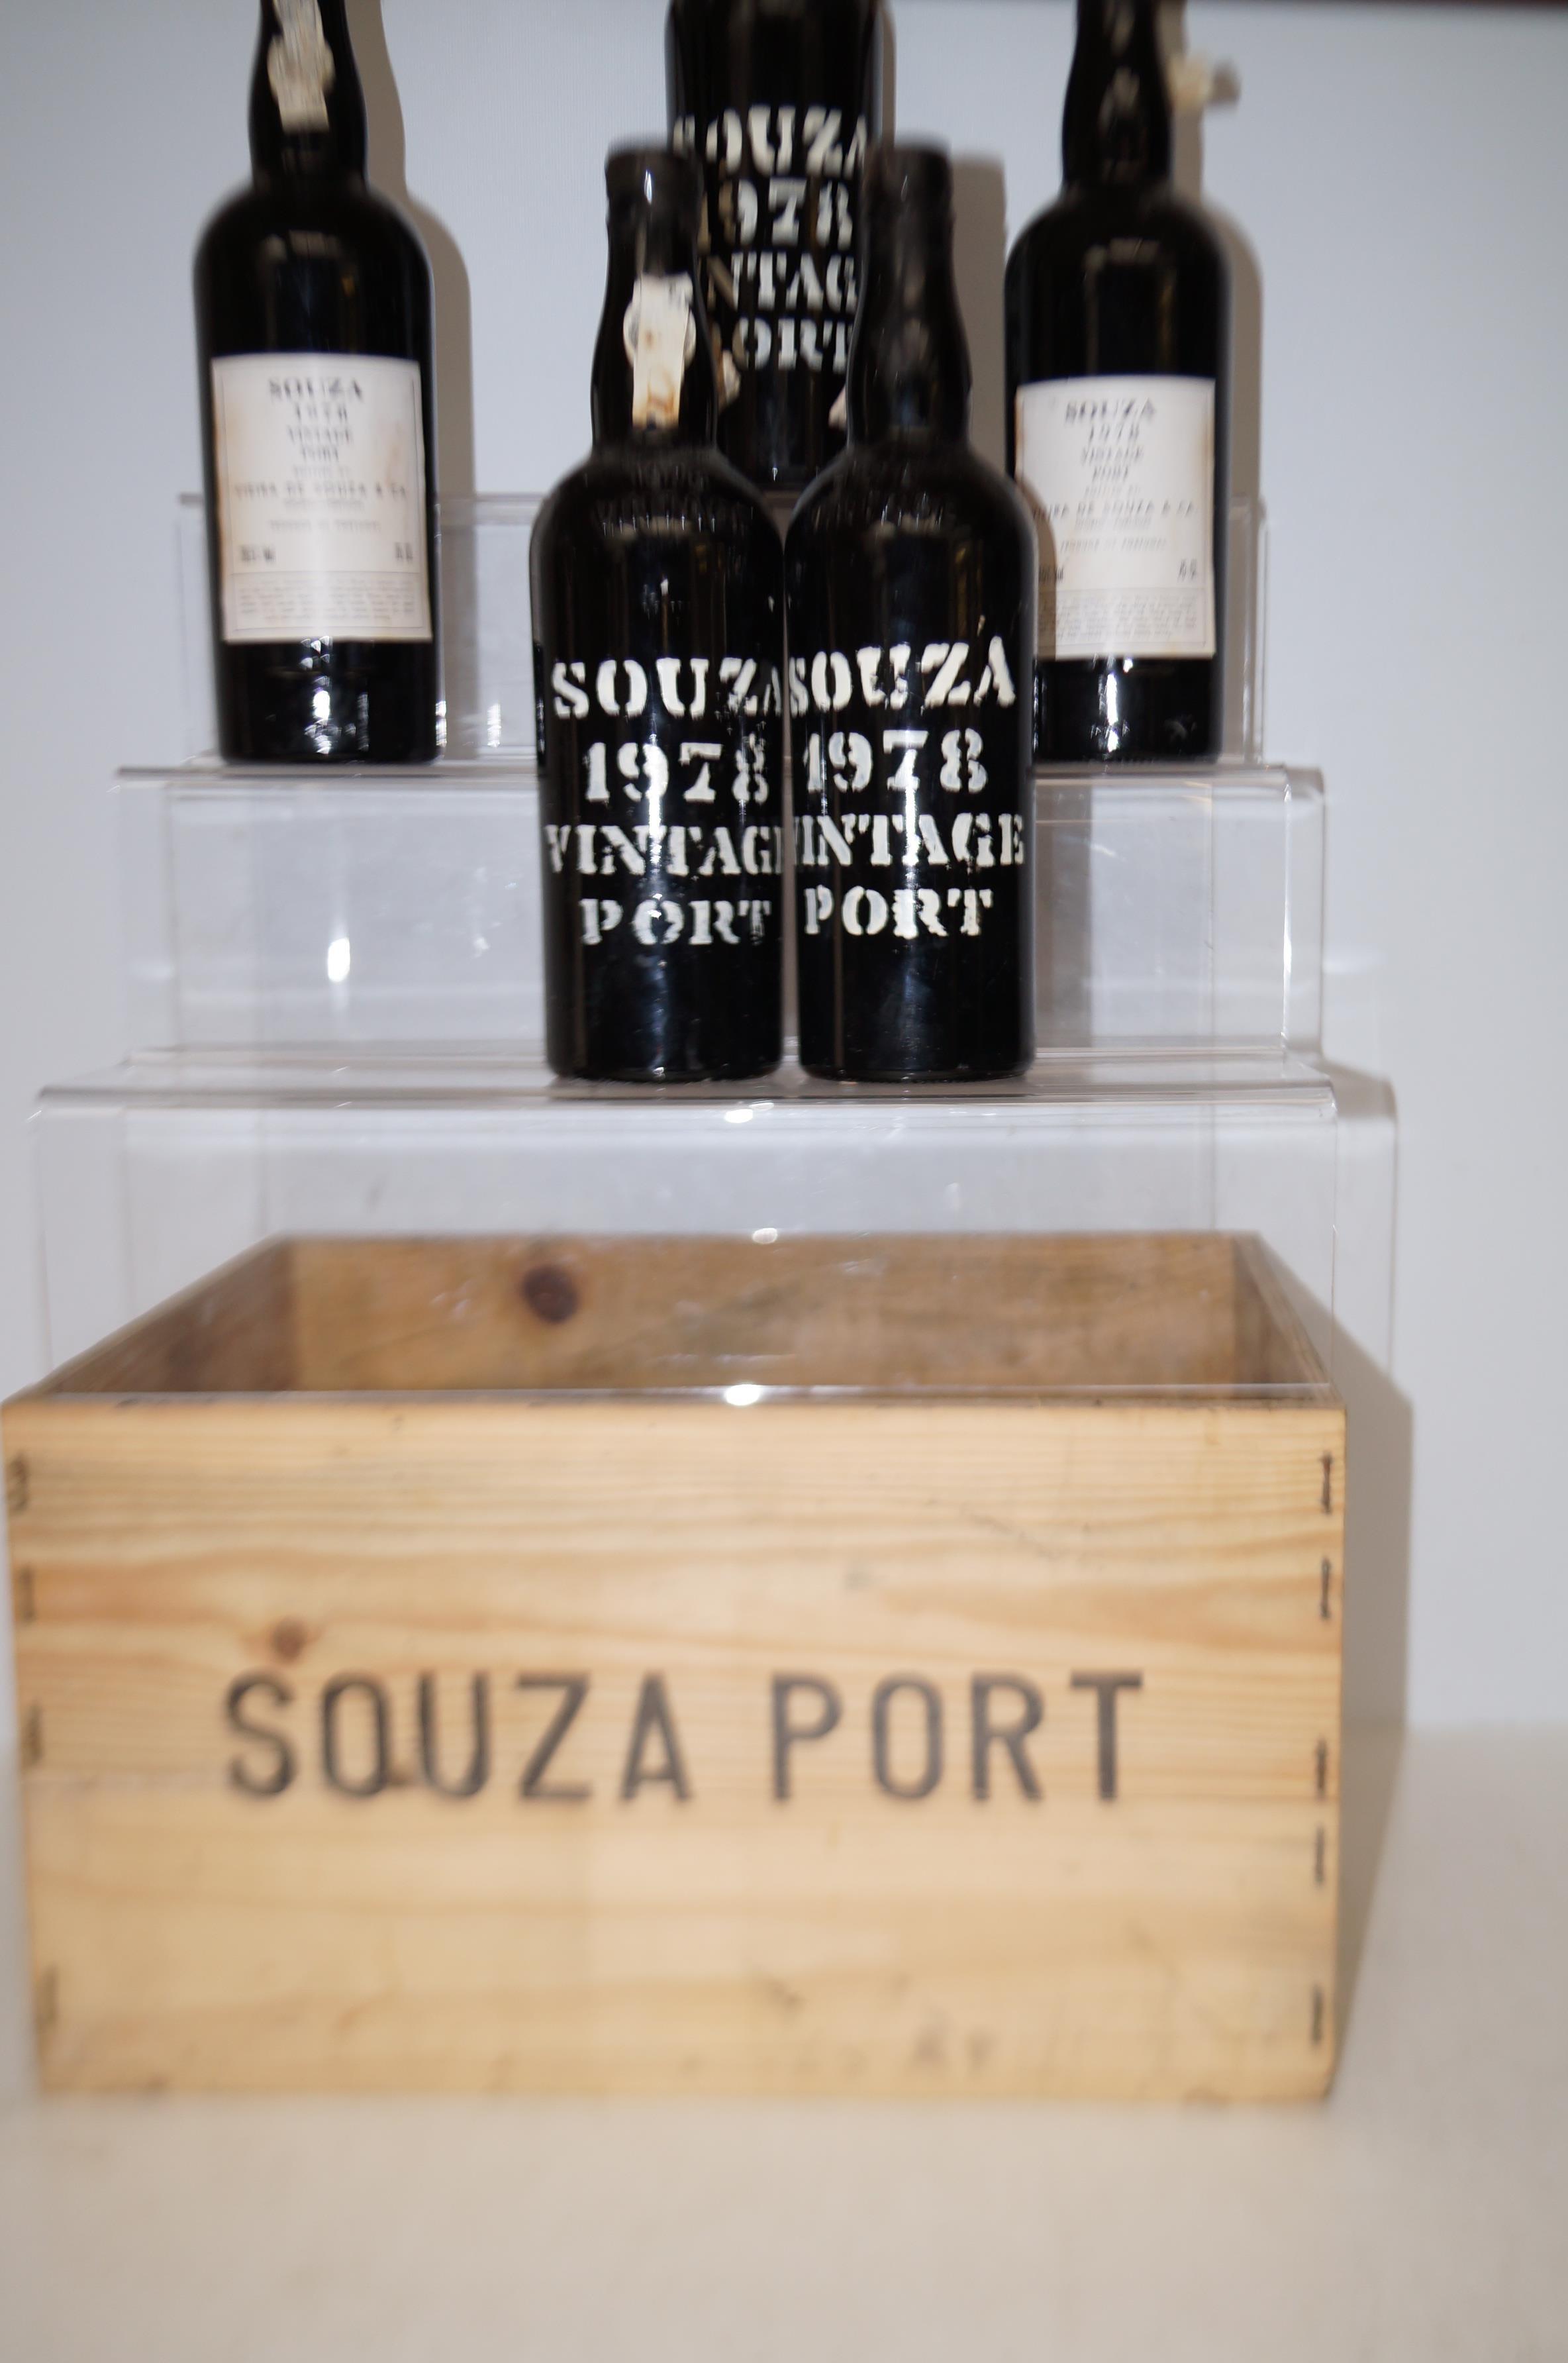 Lot 284 - 5 Bottles of Vintage Souza 1978 with original wood